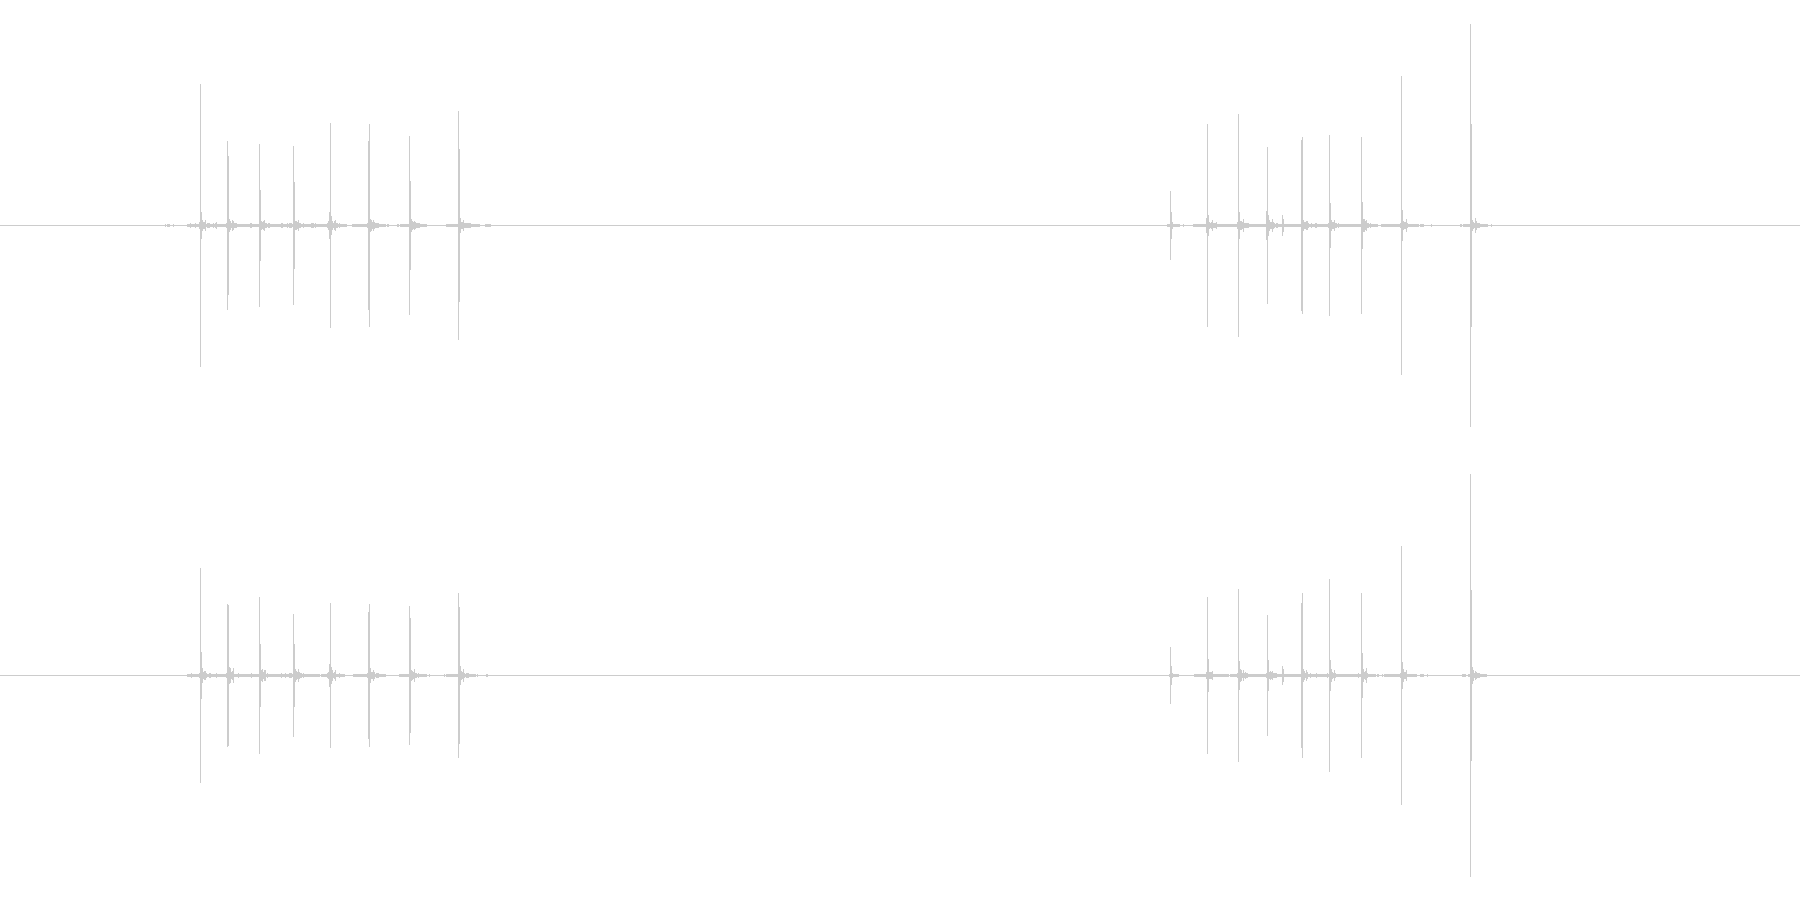 【録音】カッターの出し入れ音の未再生の波形